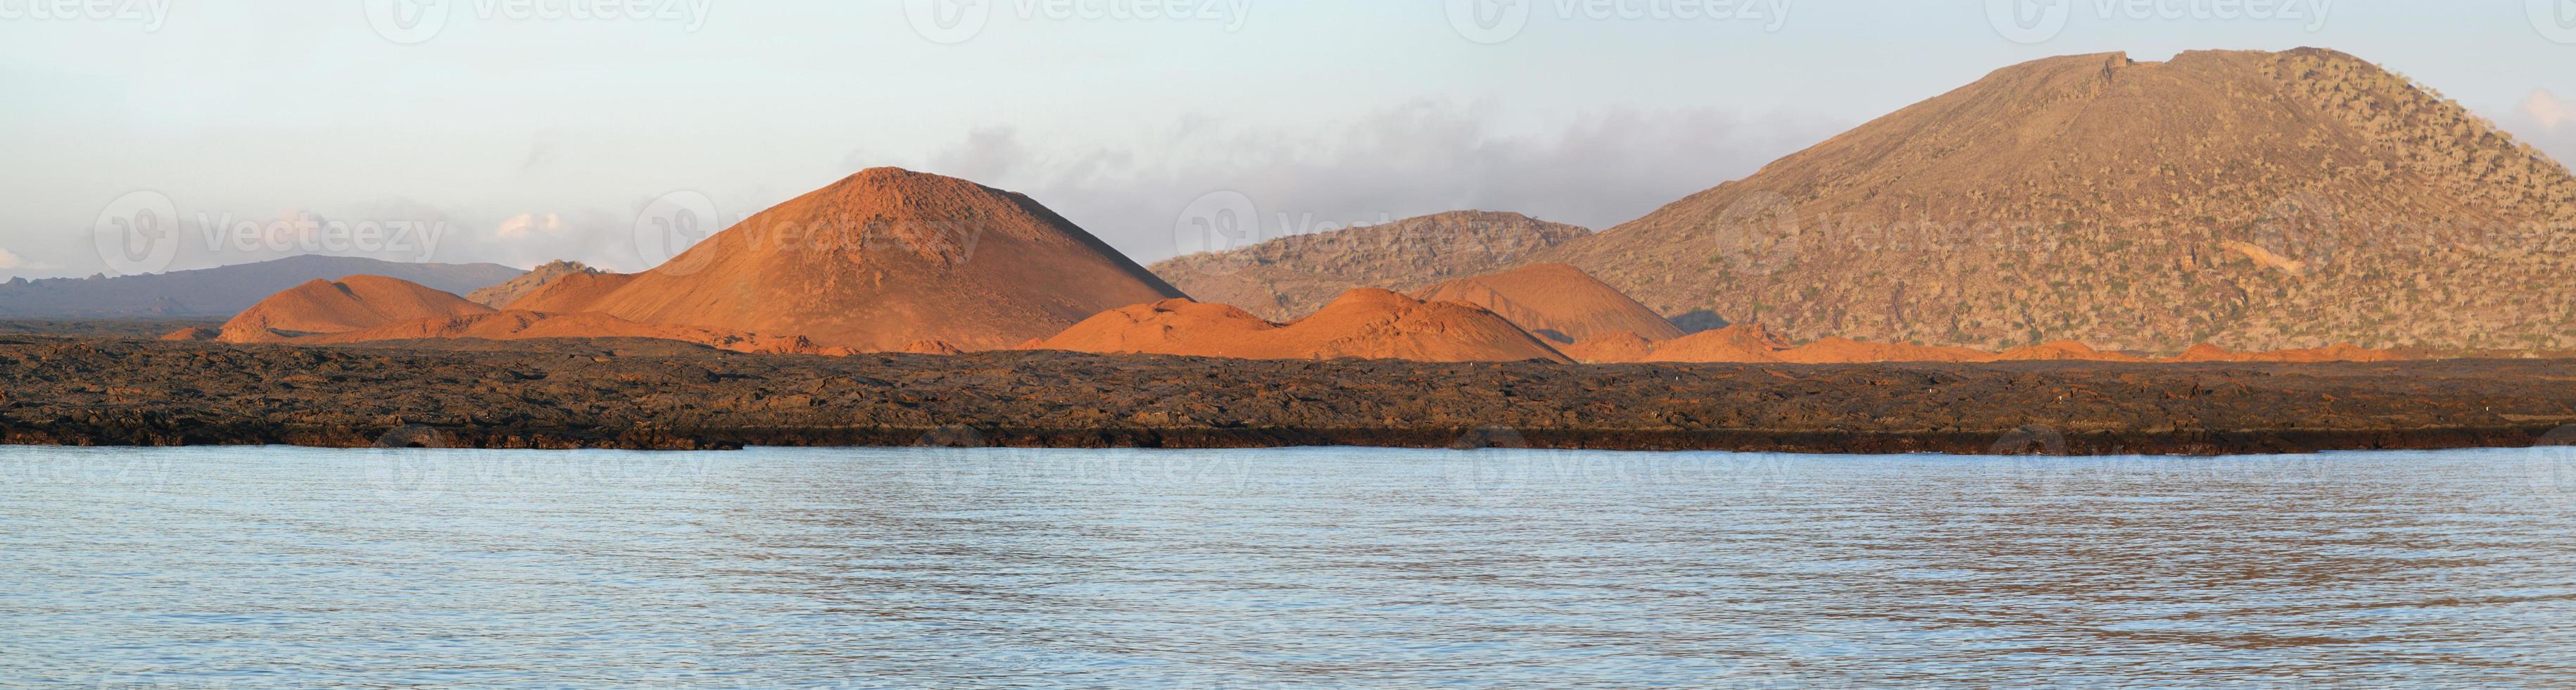 vulkaniskt landskap på ön santiago foto